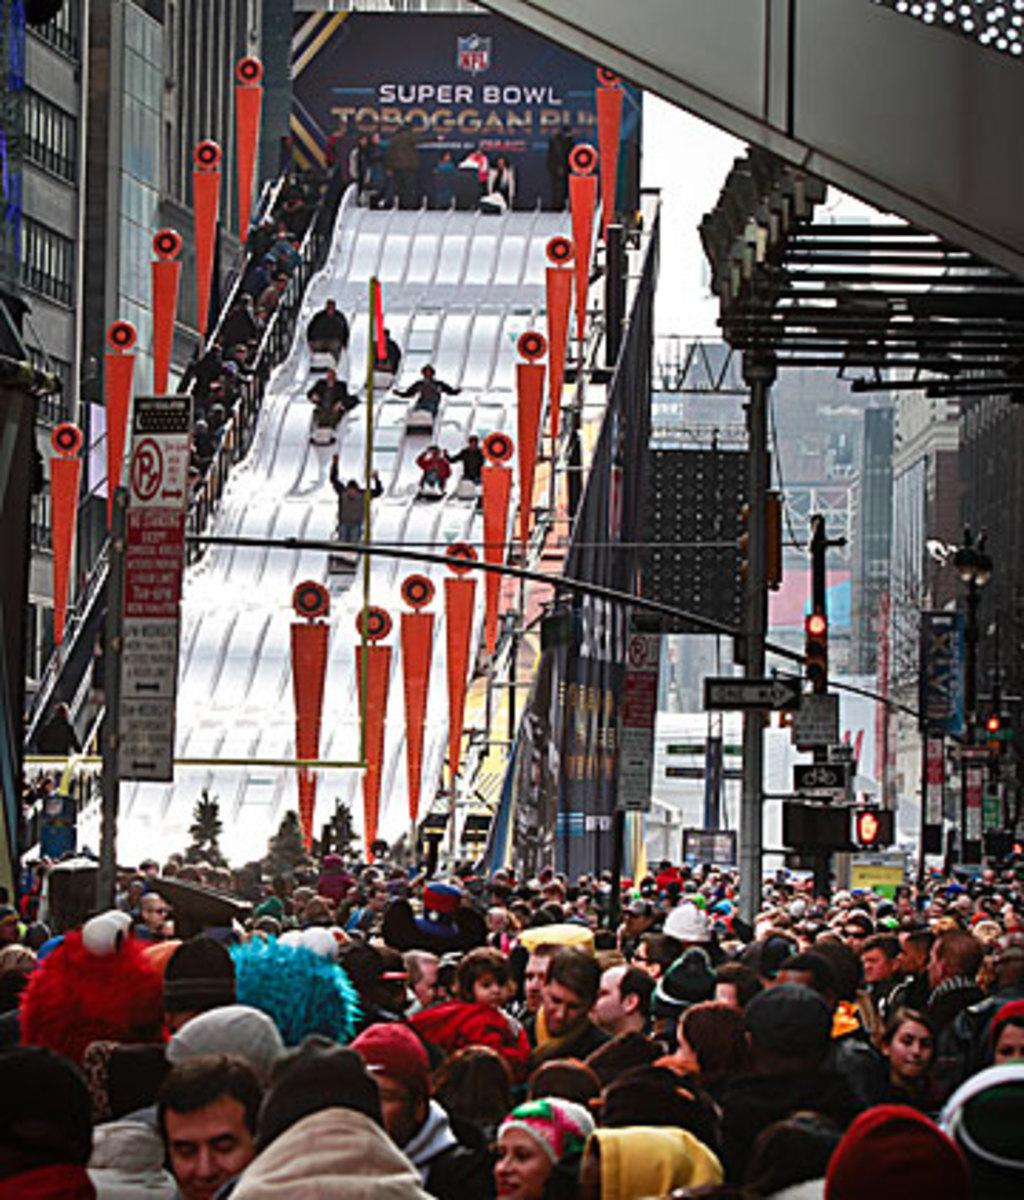 Fans swarmed Super Bowl Boulevard in midtown Manhattan last week. (Bebeto Matthews/AP)